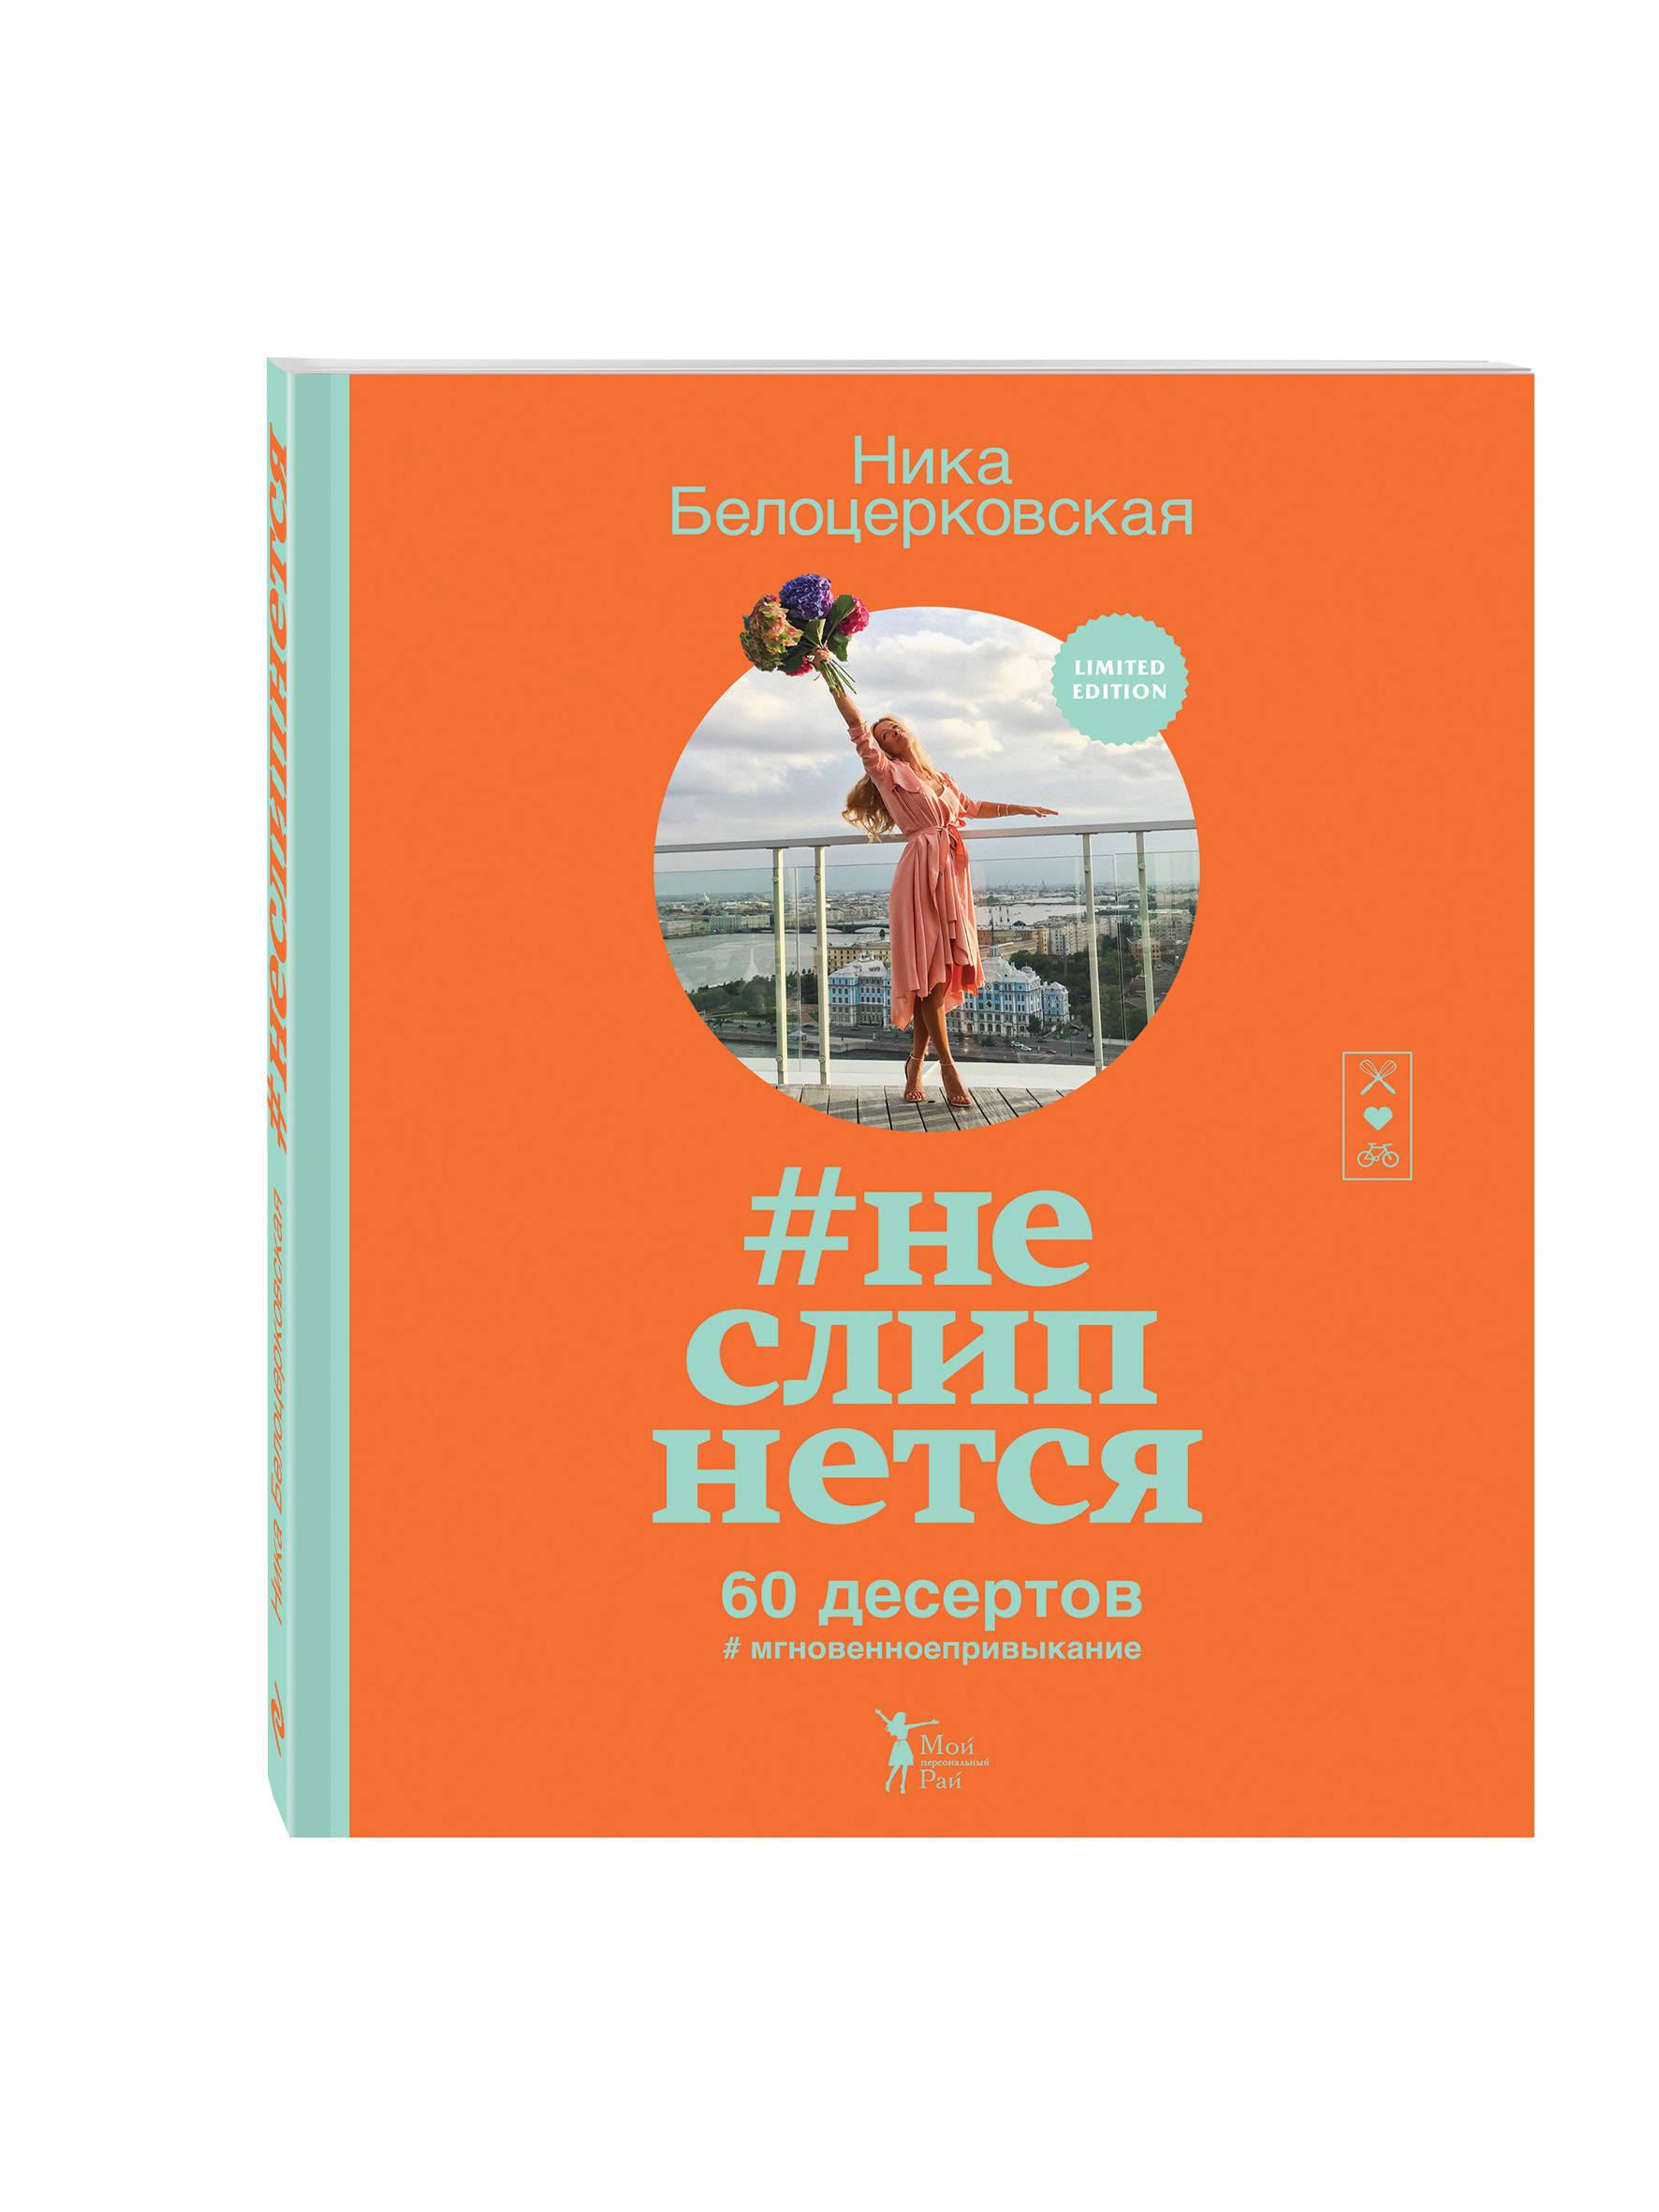 Белоцерковская Н. #неслипнется